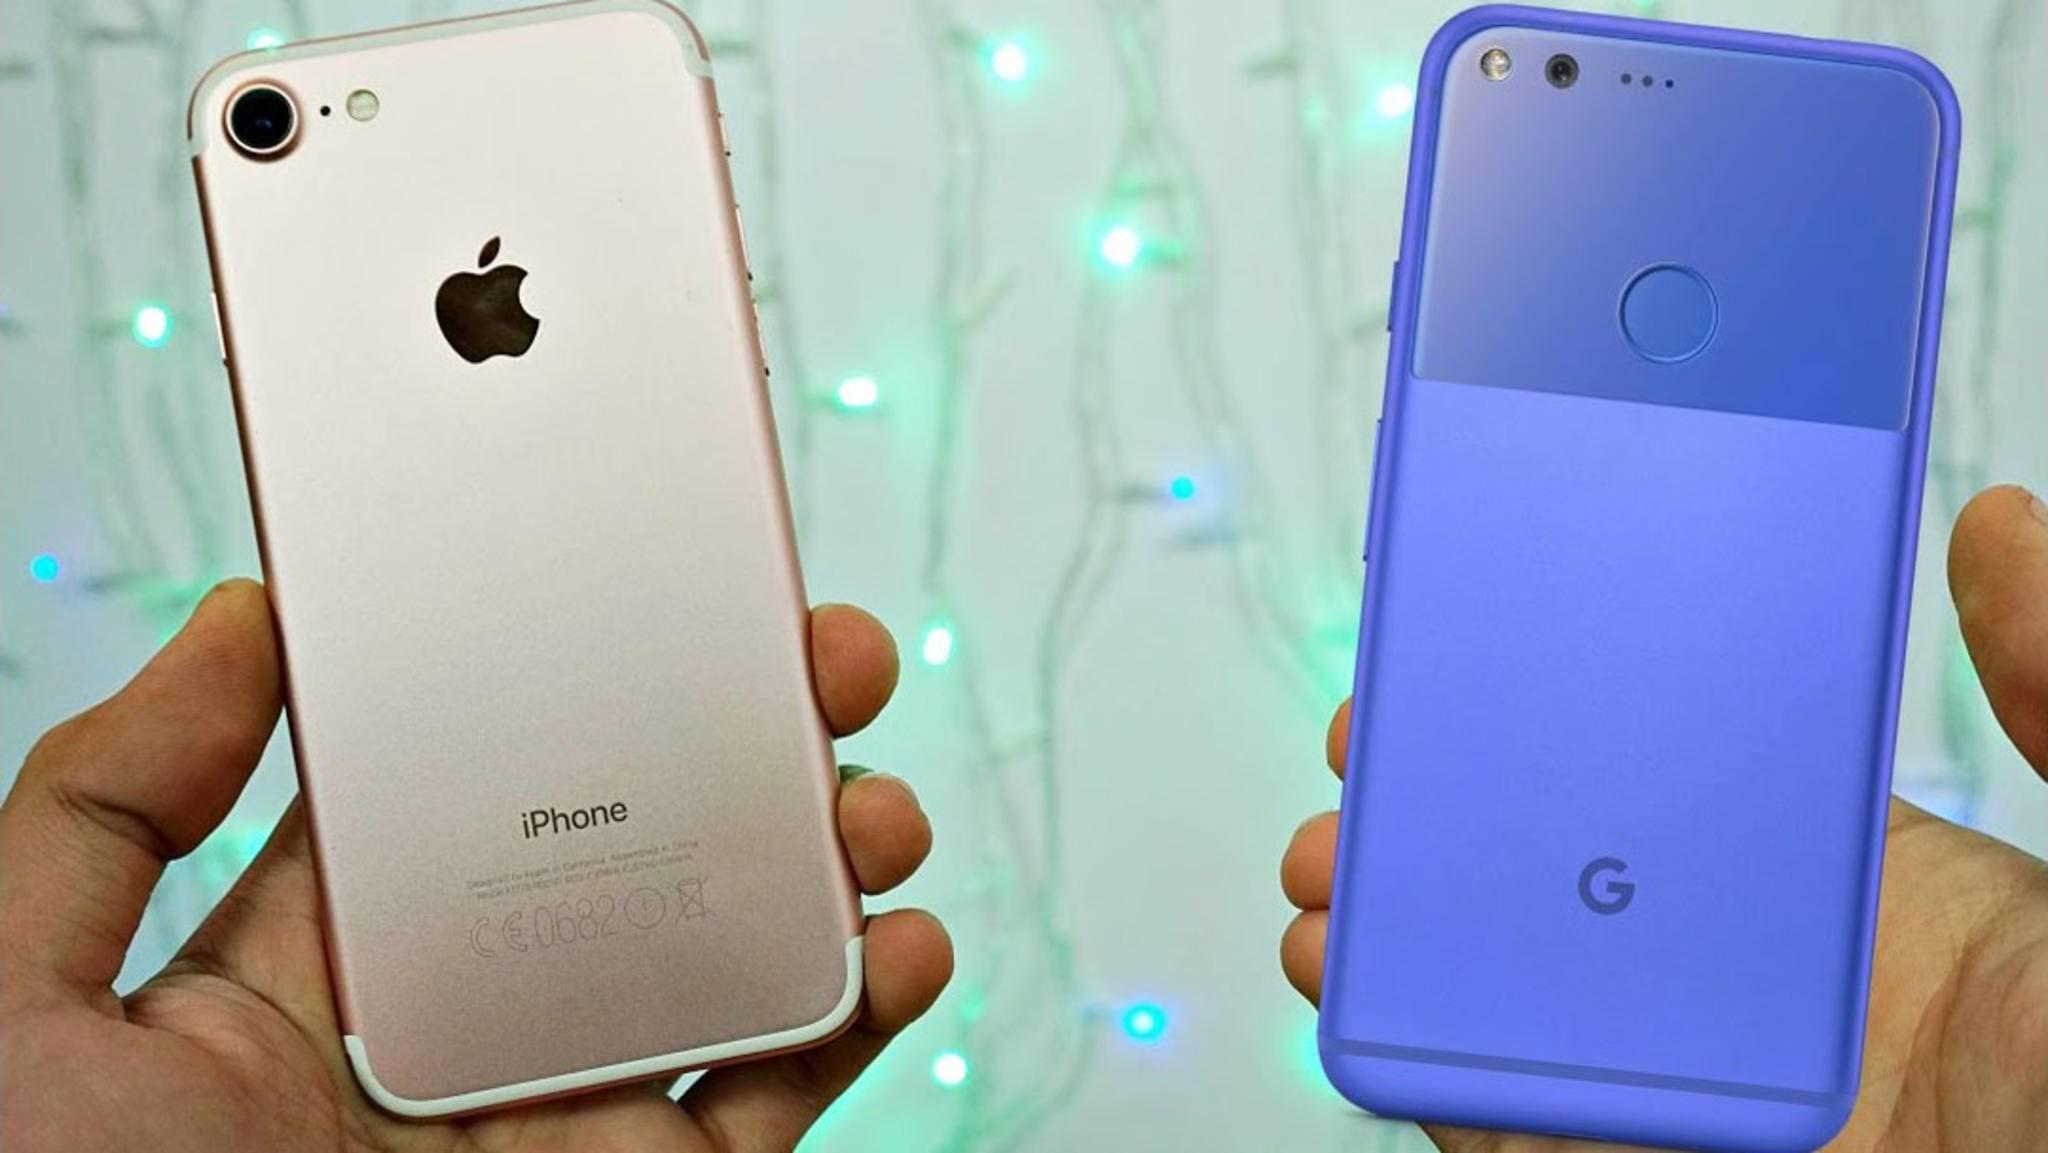 Leistung, Speicher, Sound: Das iPhone 7 ist in vielen Punkten besser als das Pixel Phone.